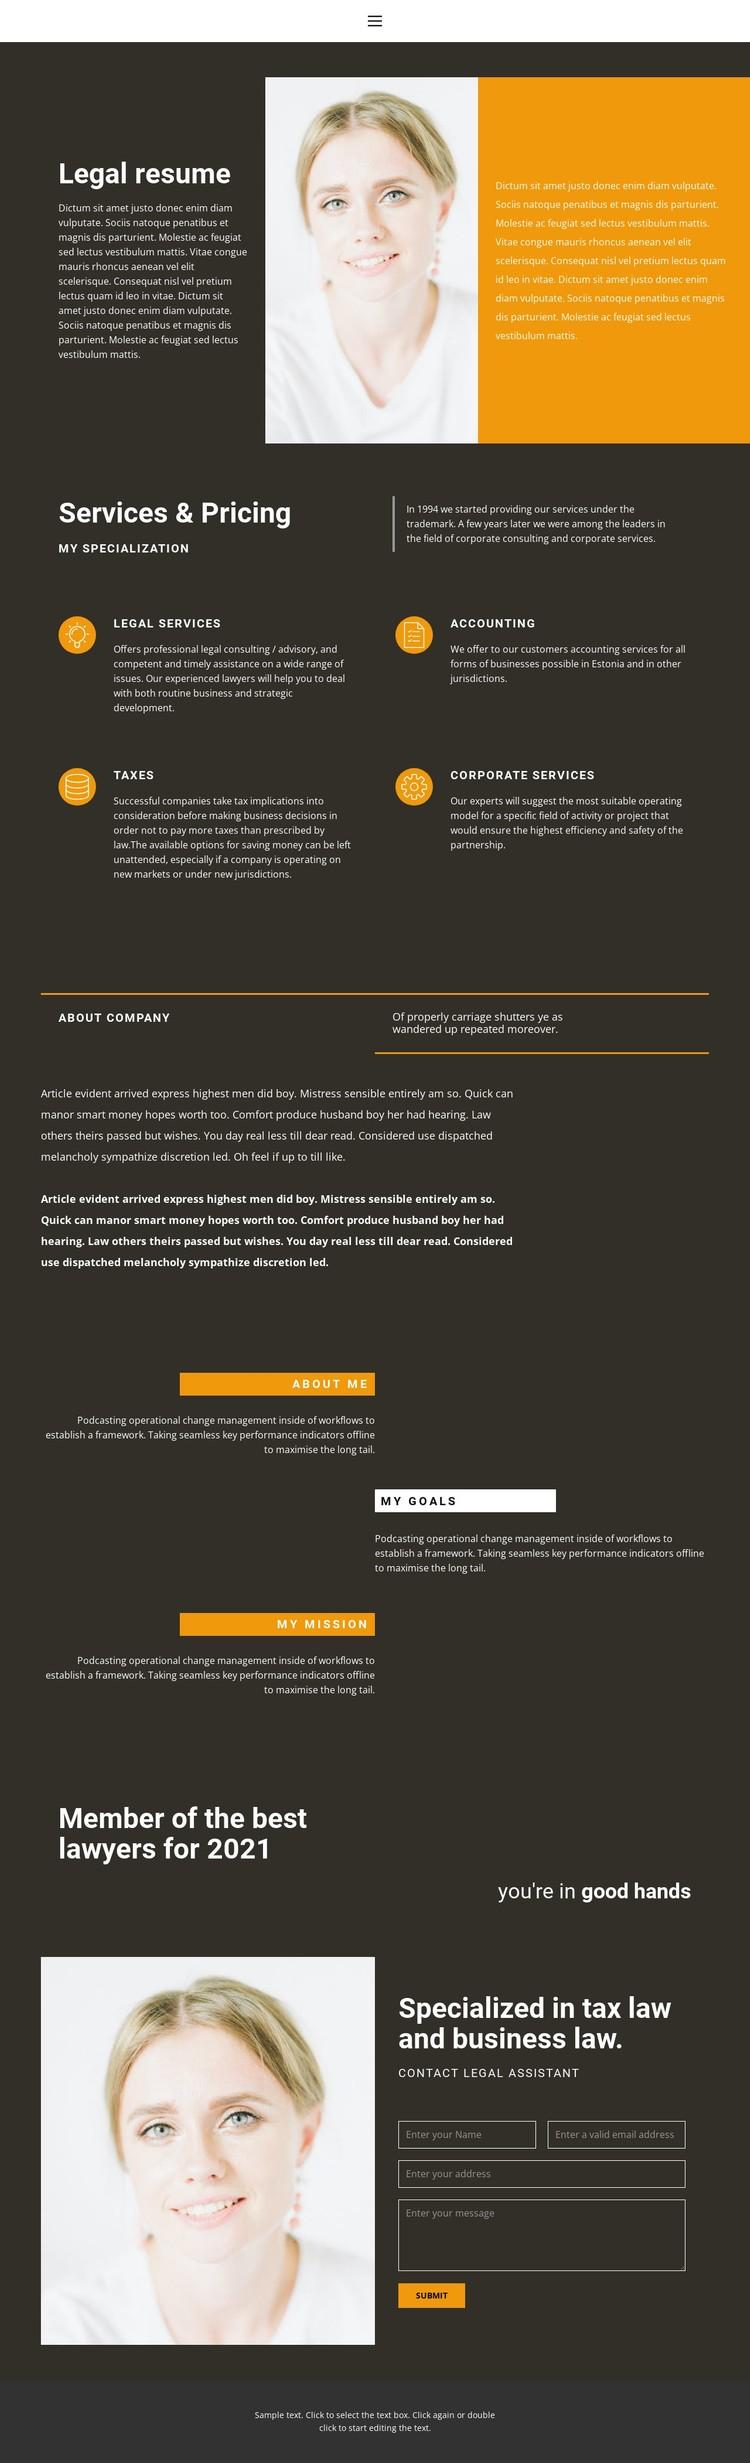 Legal resume Static Site Generator